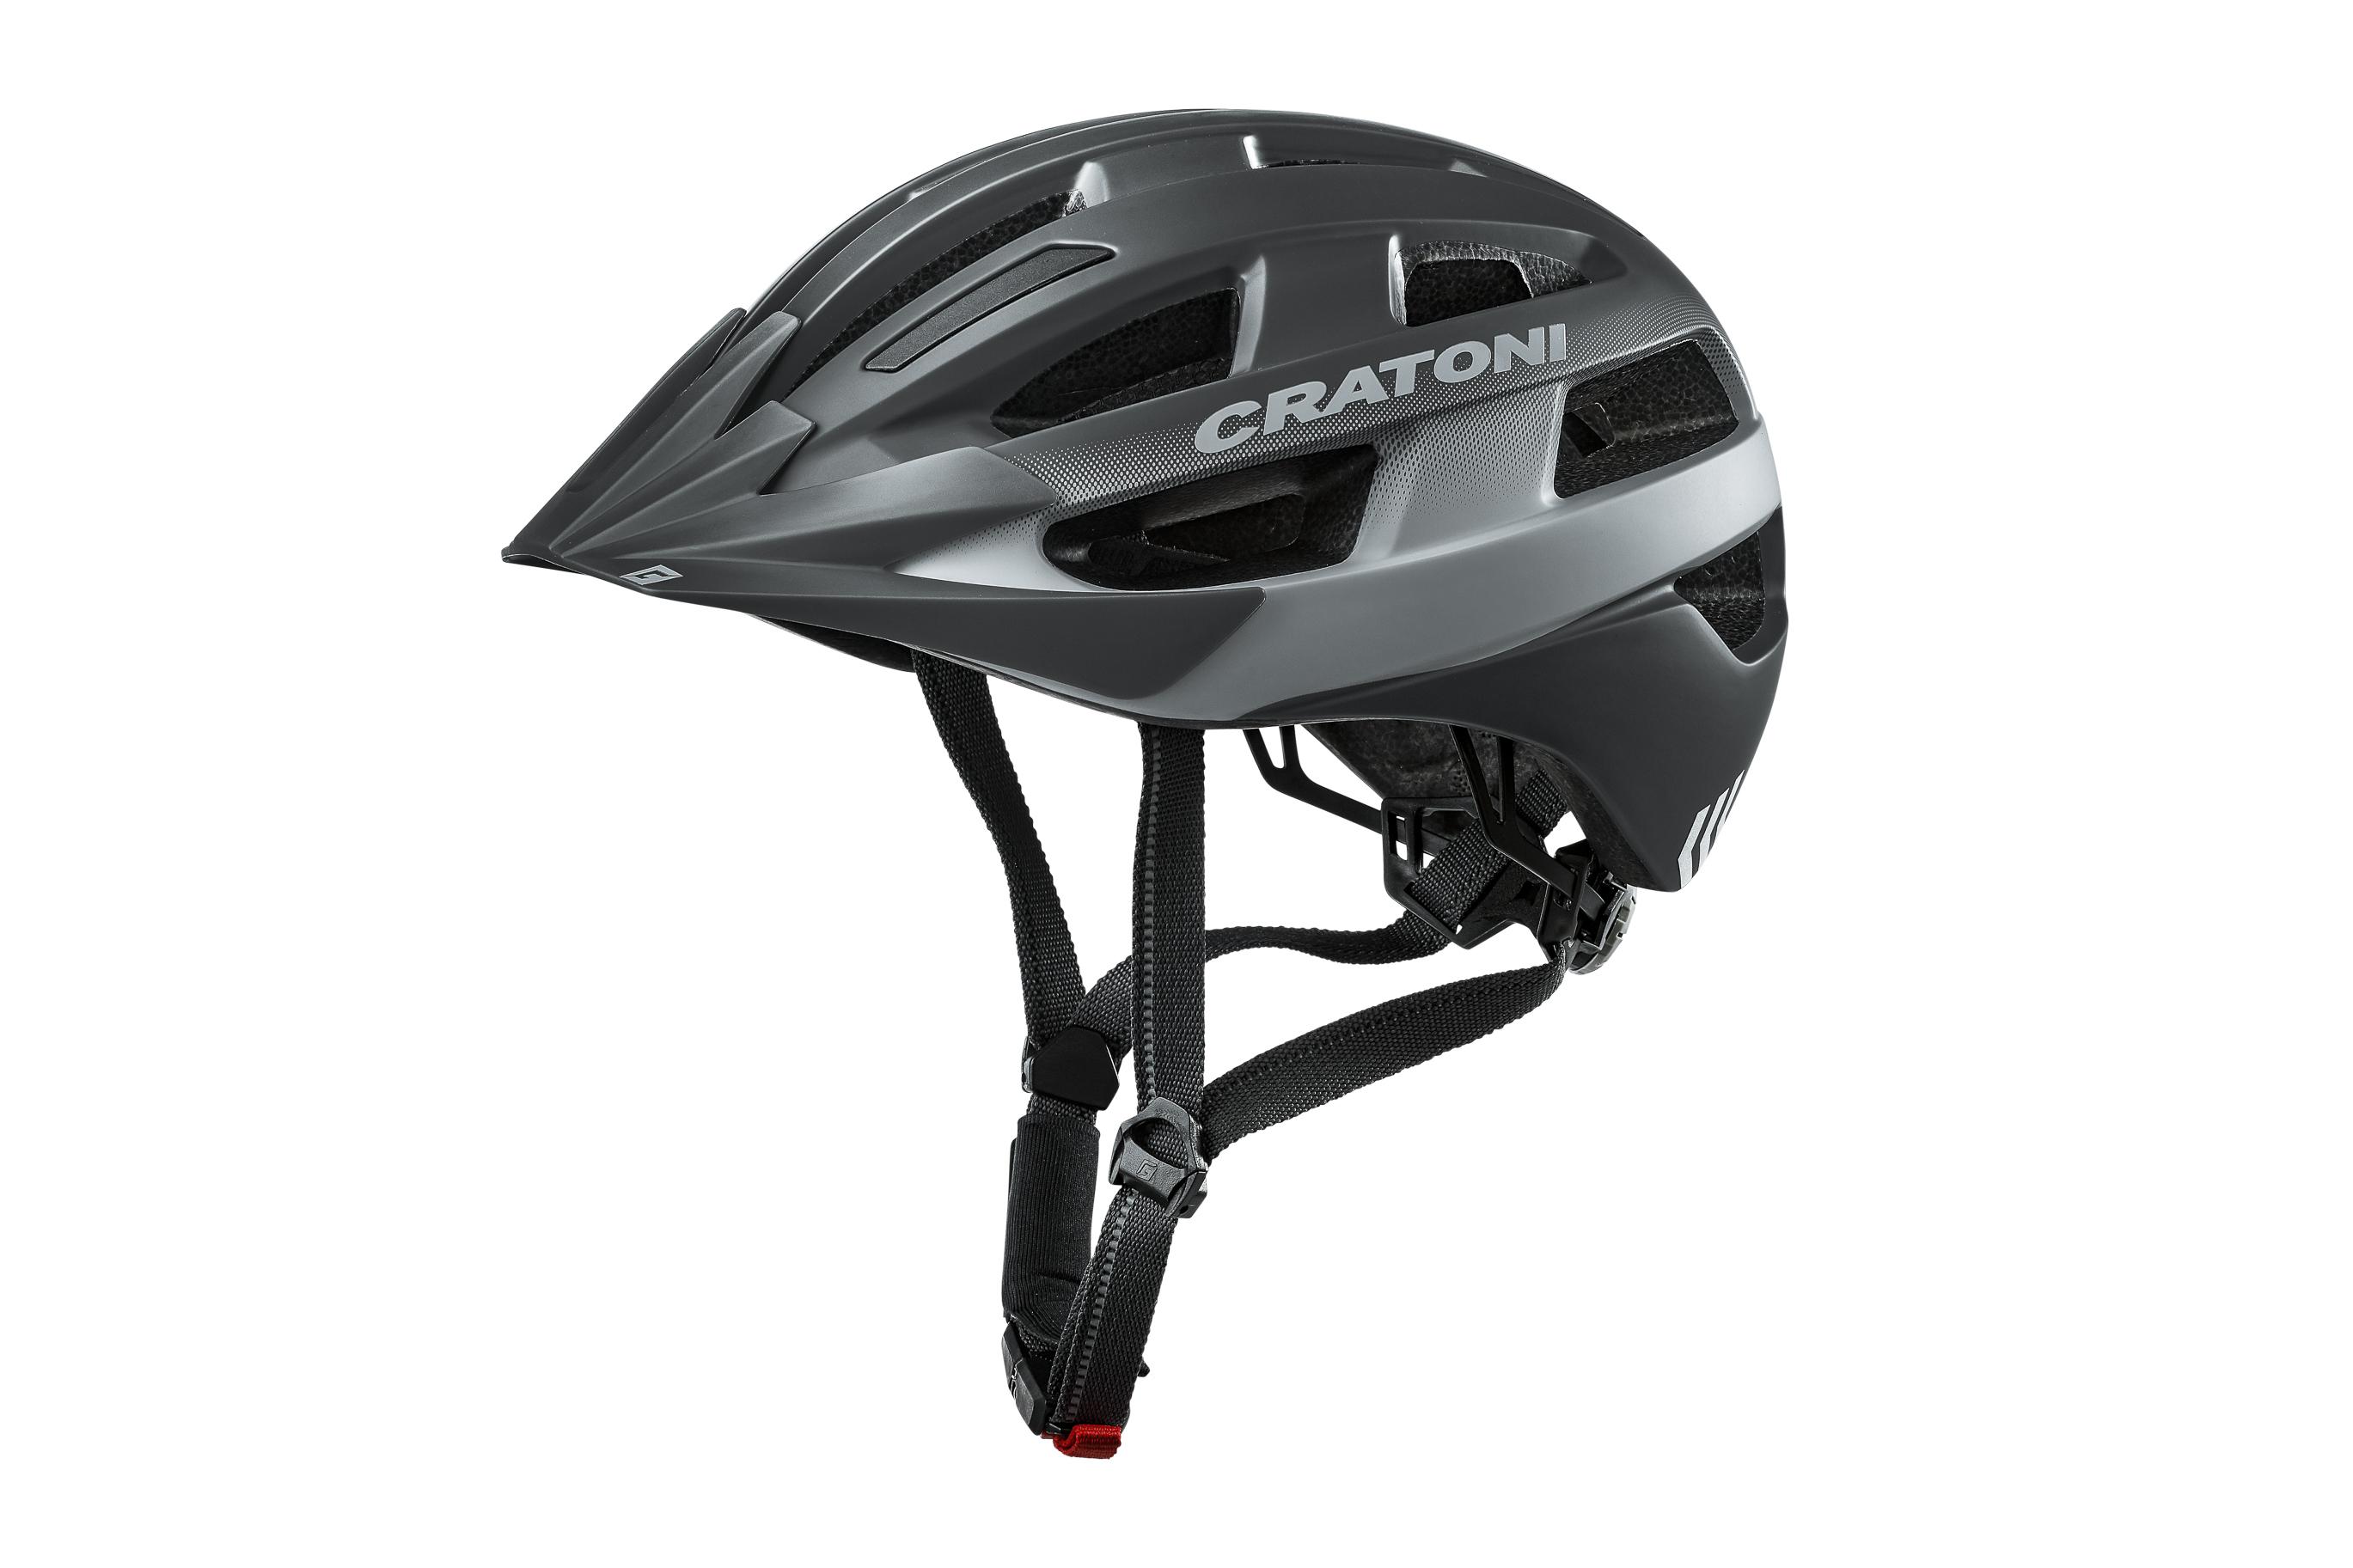 Fahrradhelm Cratoni Velo-X schwarz matt